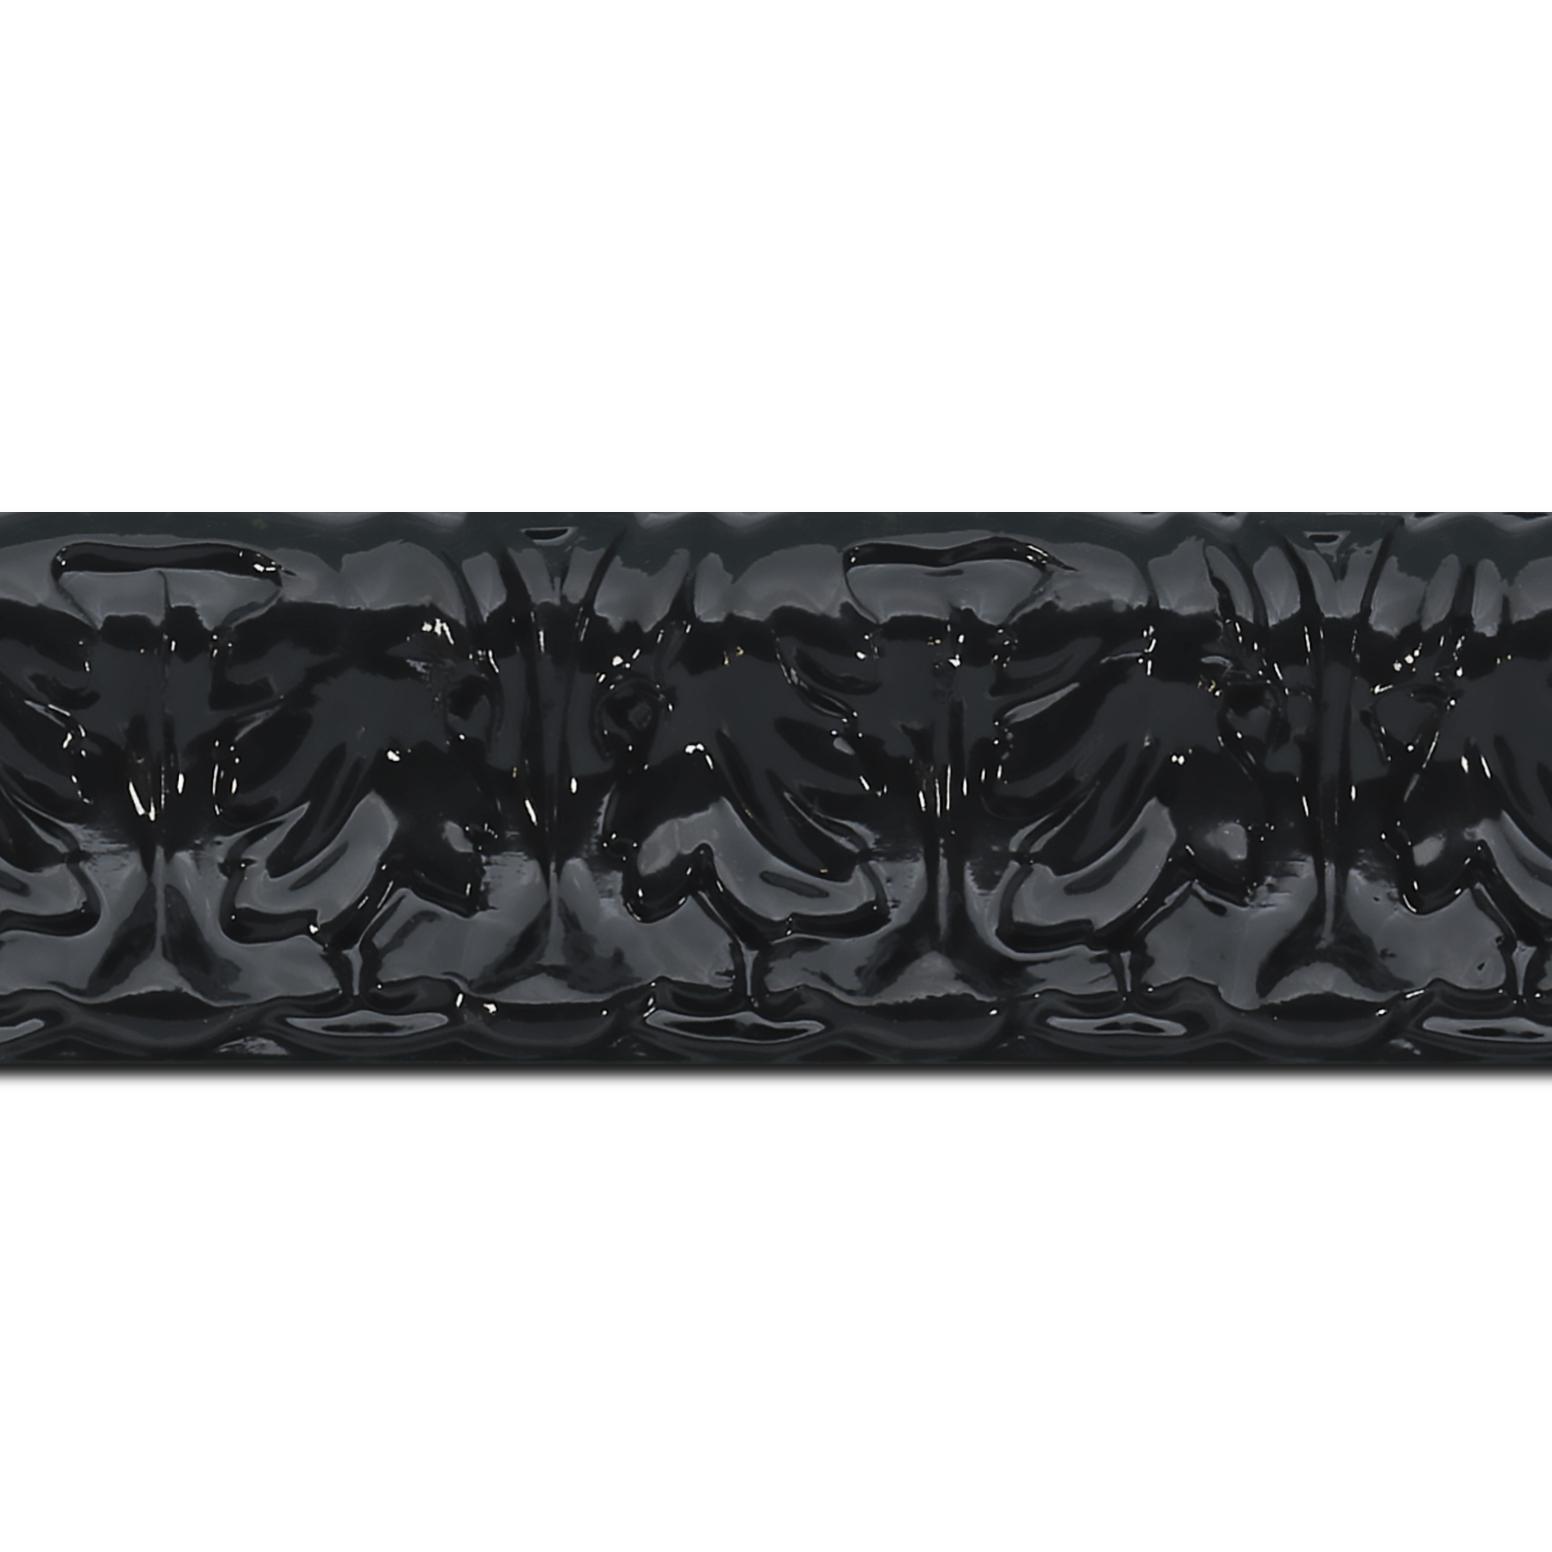 Baguette longueur 1.40m bois profil incurvé largeur 5.3cm couleur noir laqué style baroque